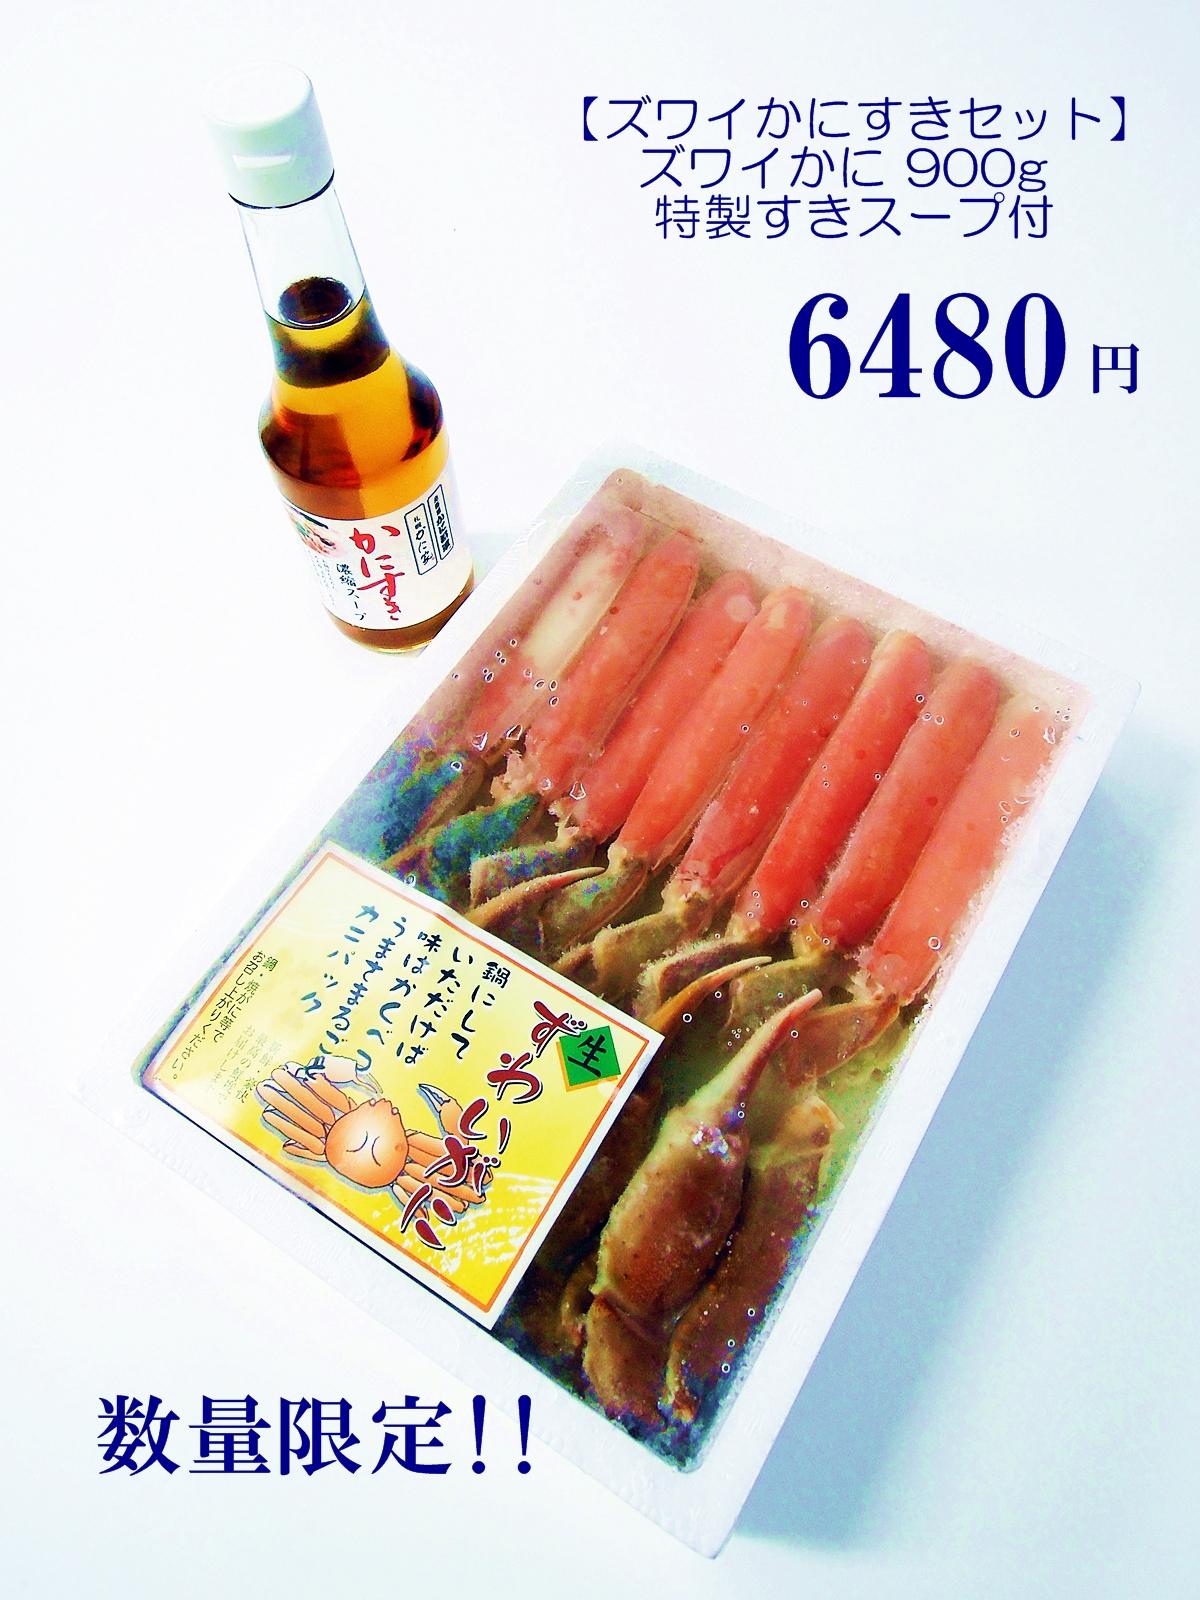 生ズワイかにすきセット(900g)